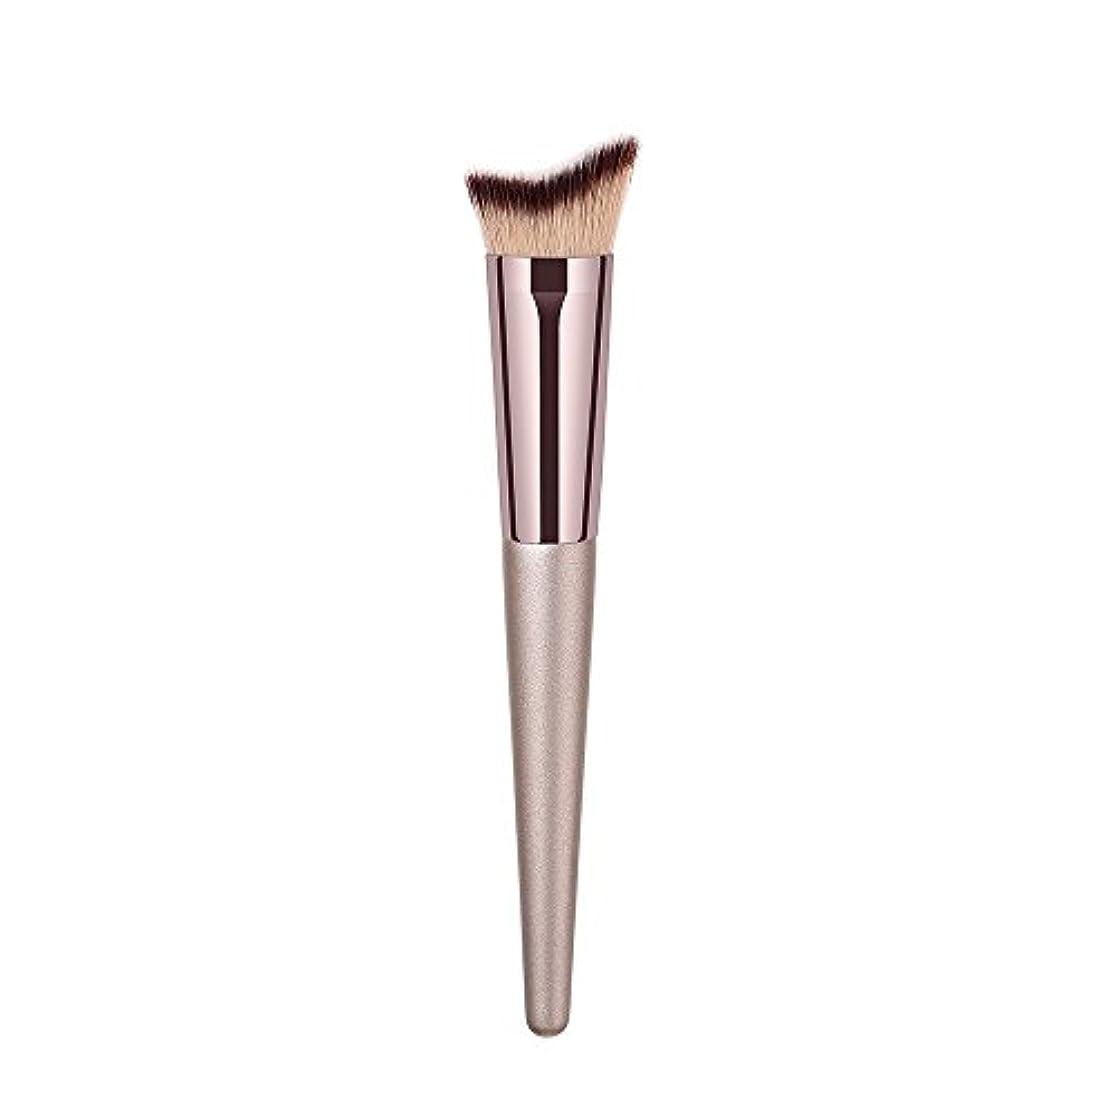 ガイドラインさまよう修正する笑え熊 化粧筆 化粧品 ZZ-10-A-1 スポンジ タクロン ブラシ チーク ファンデーションブラシ フェイスブラシ 高級毛質